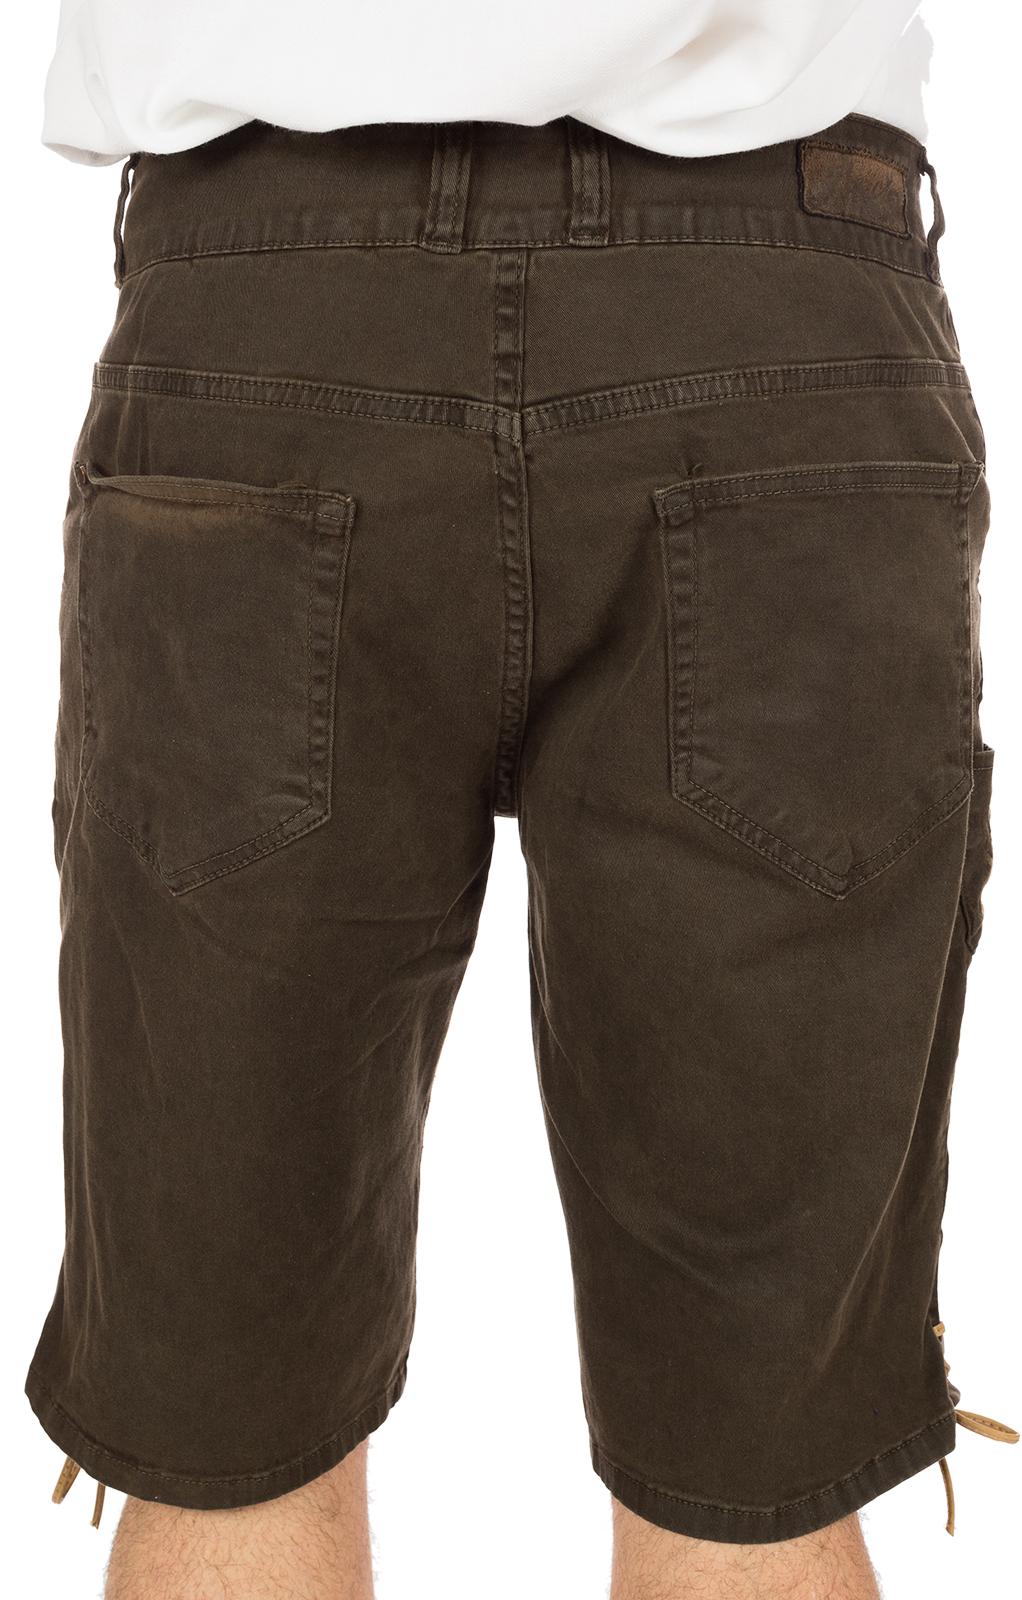 weitere Bilder von Tiroler korte jeanshort bruin